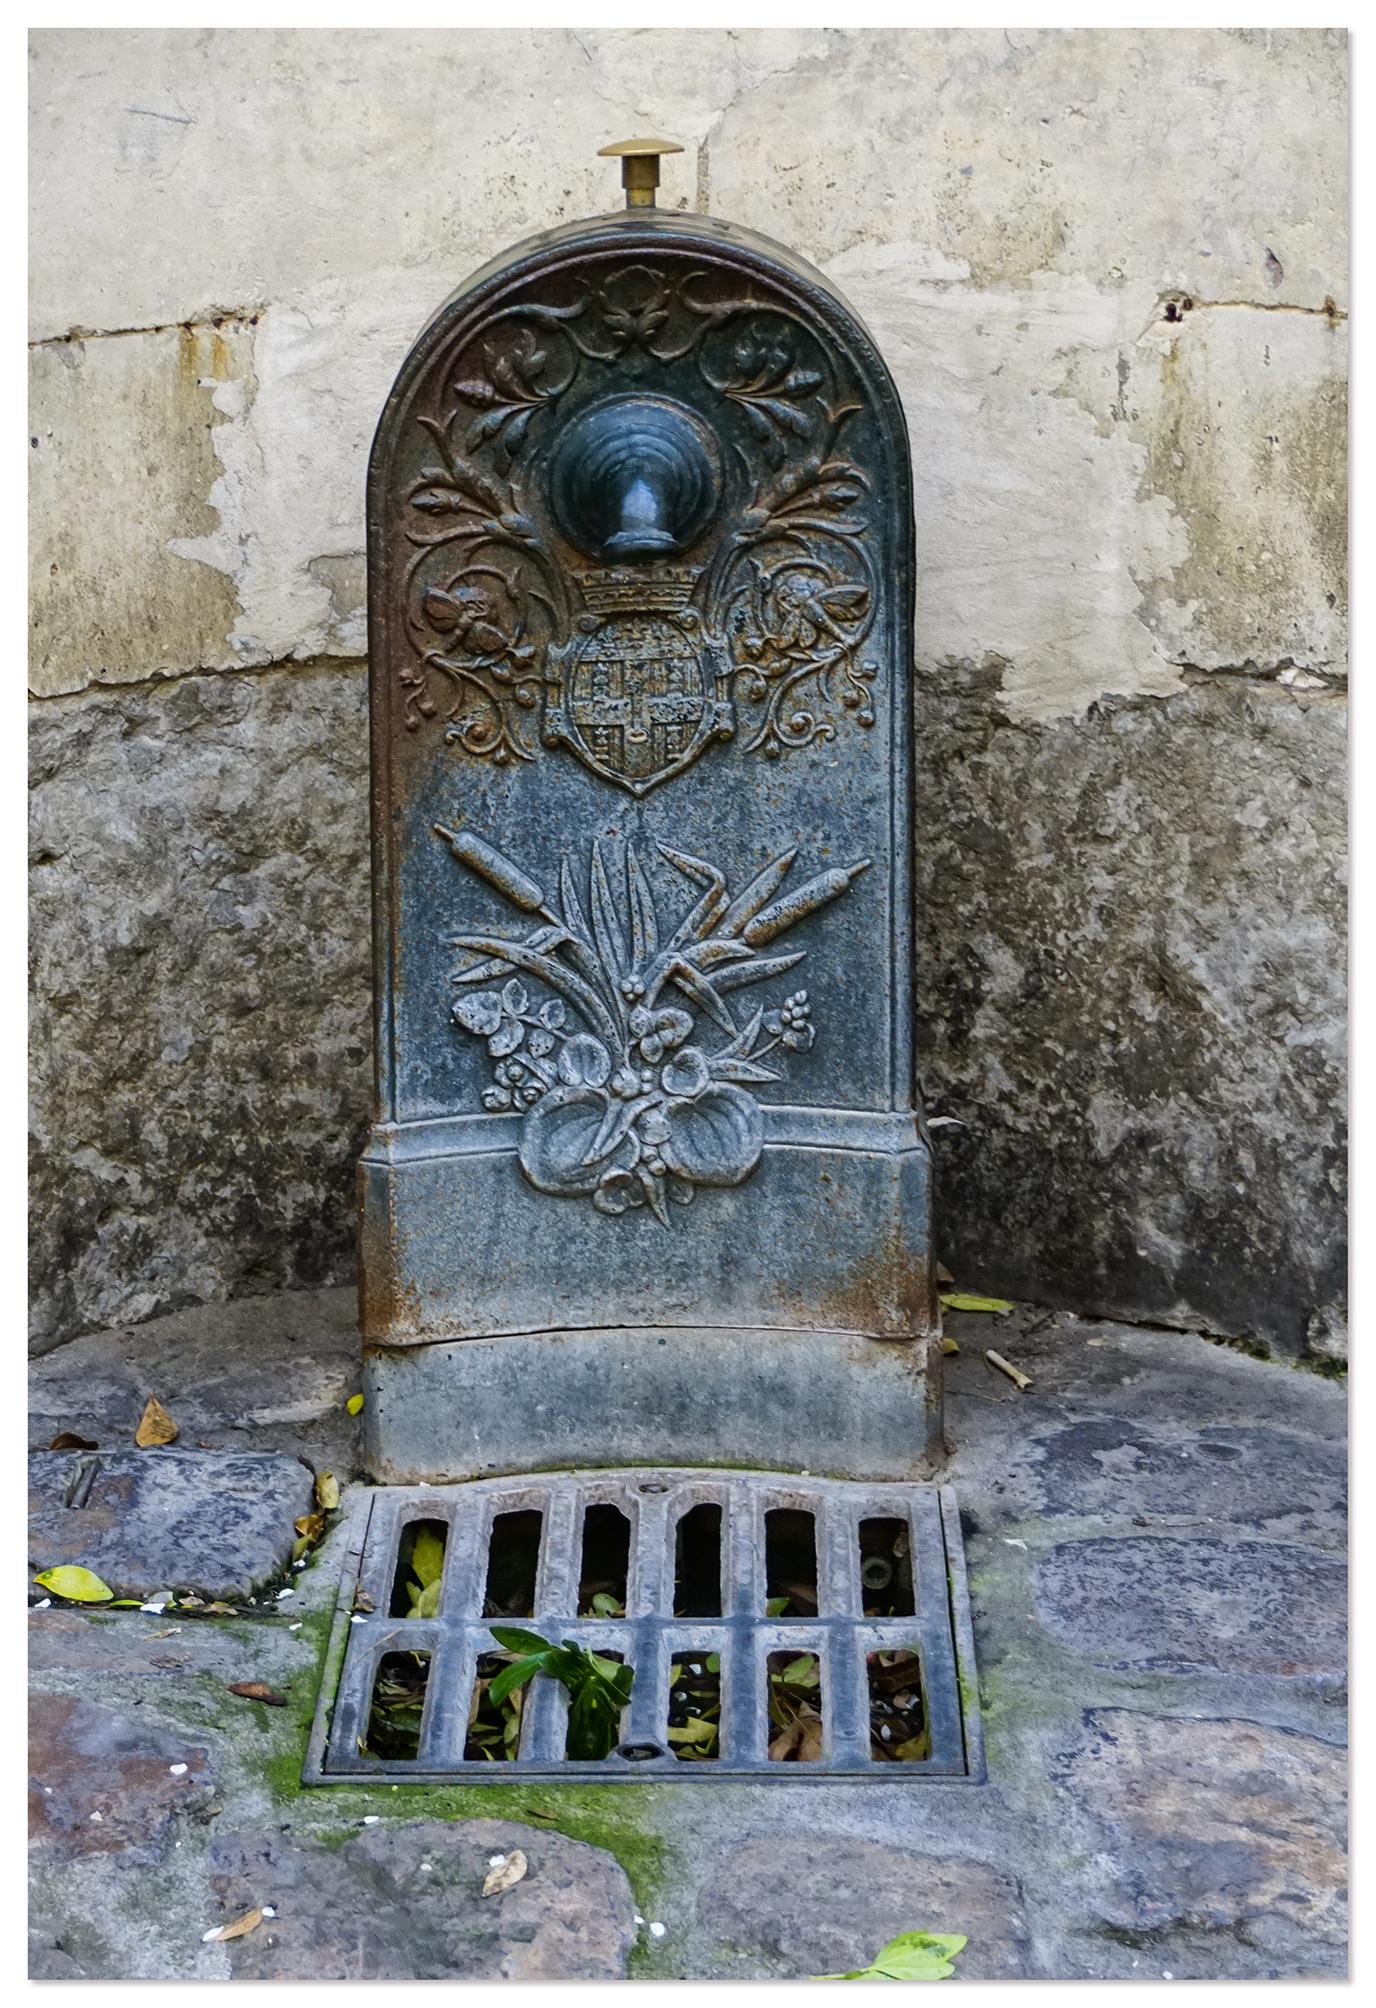 Fontaine de la cigogne - Le Mans - Sarthe